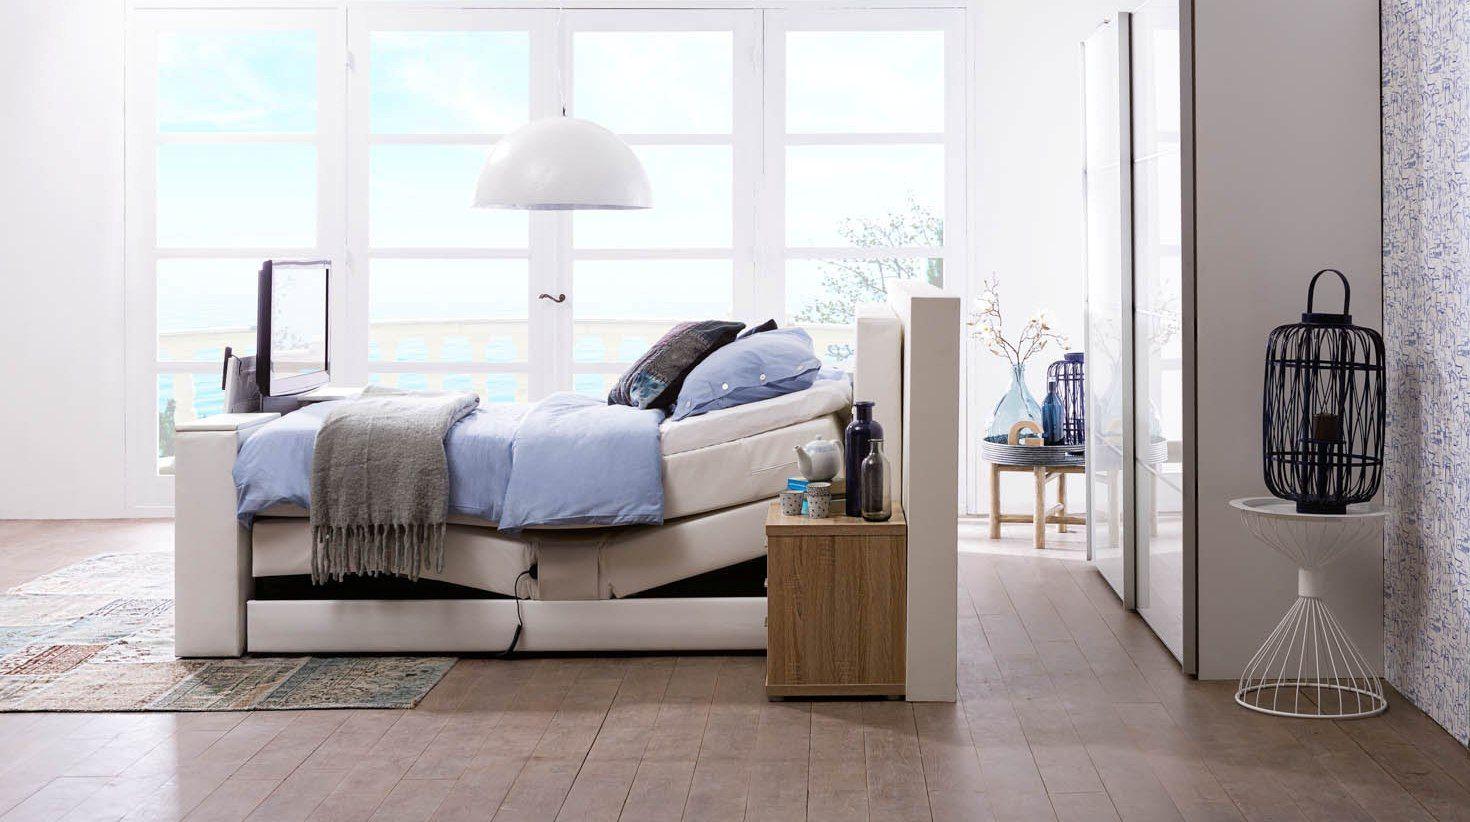 Boxspring orlanda slaapkamer tv lift luxe for Tv lift slaapkamer